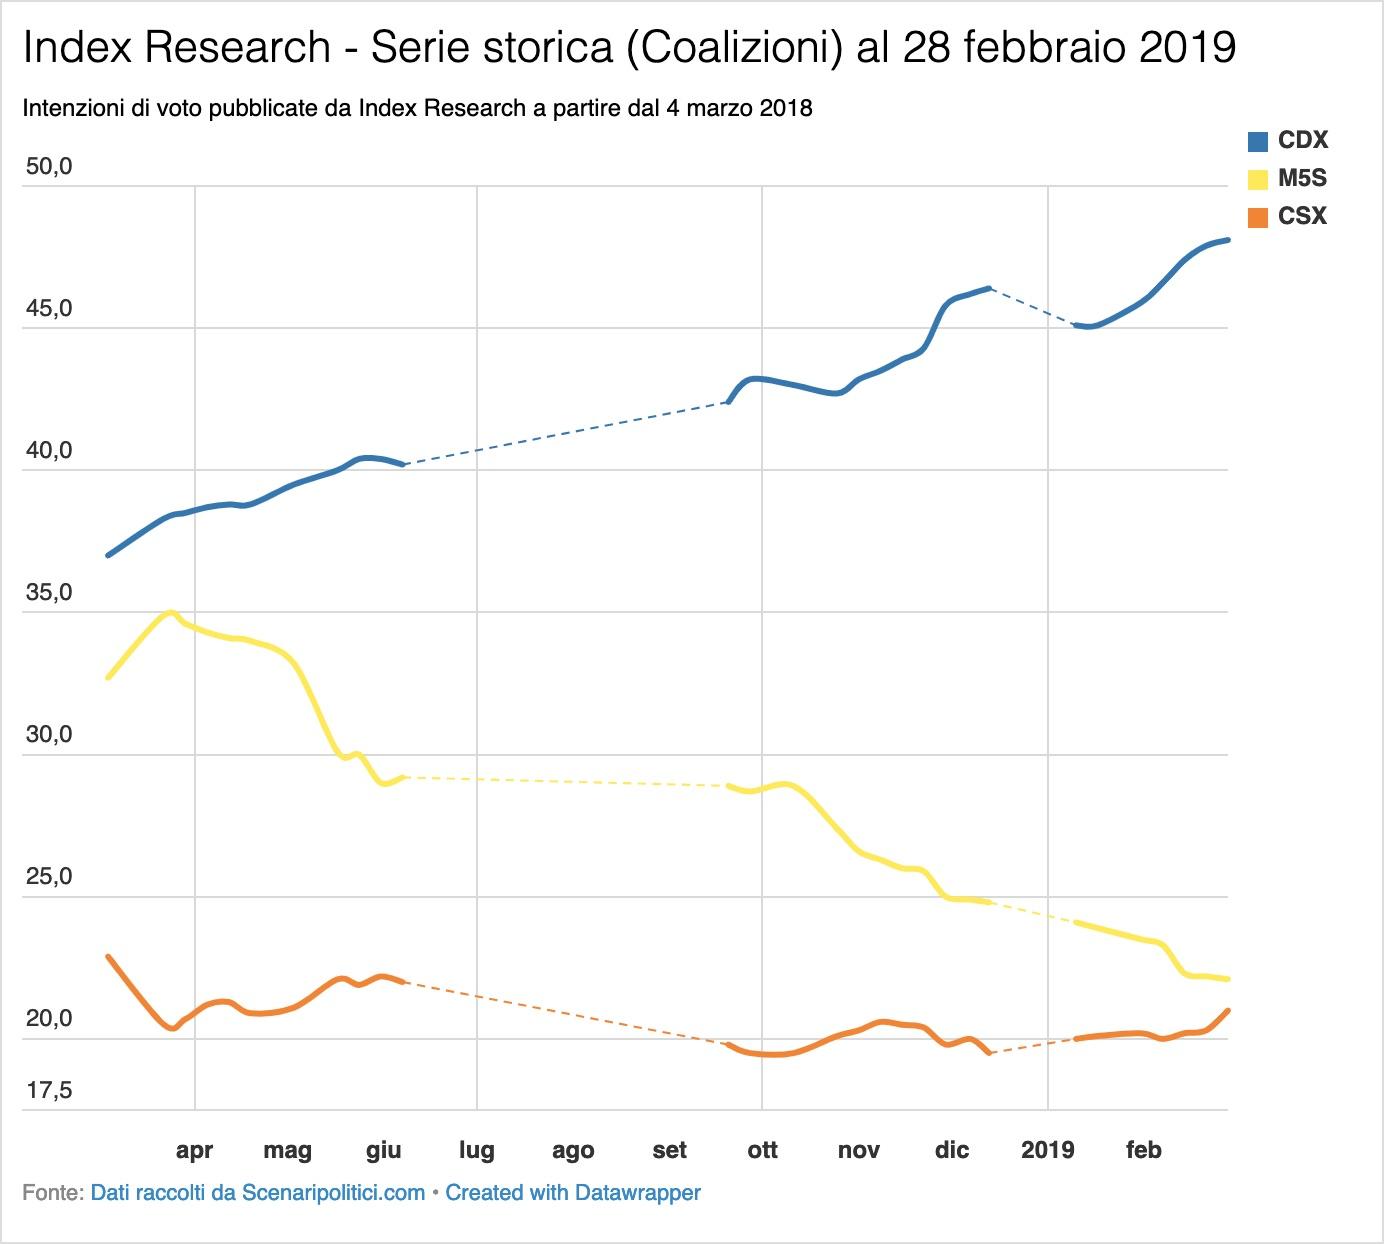 Sondaggio Index Research 28 febbraio 2019